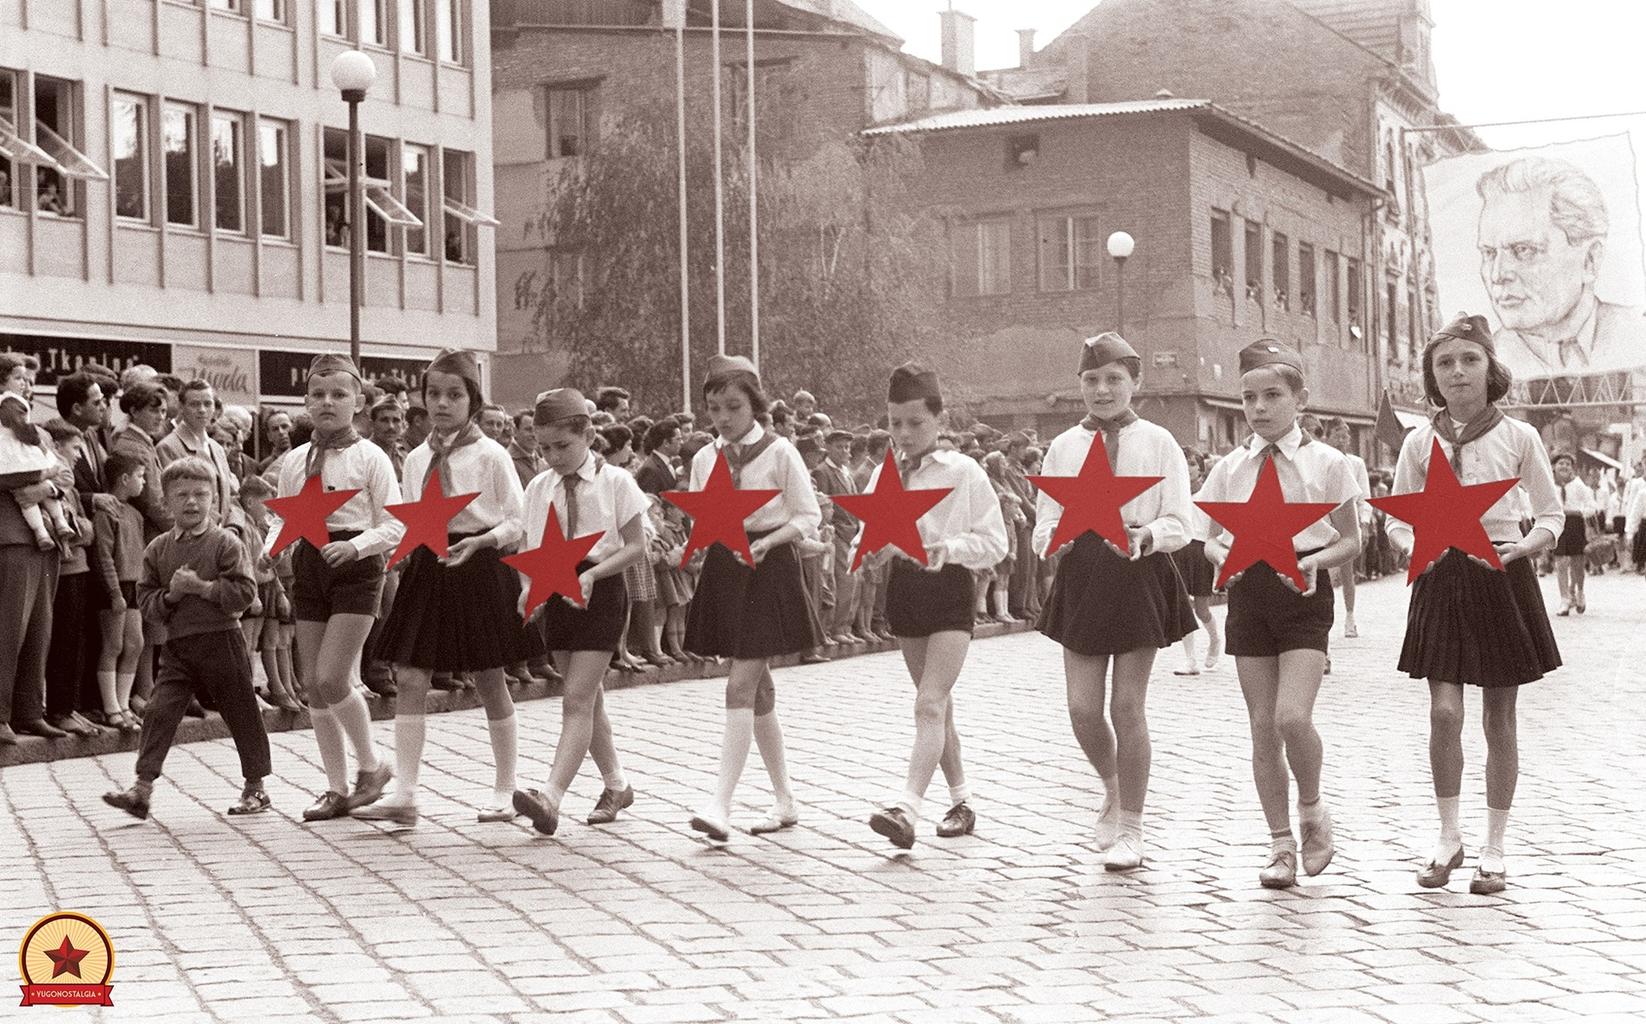 Ifjúsági nap Mariborban, 1961-ben #moszkvater